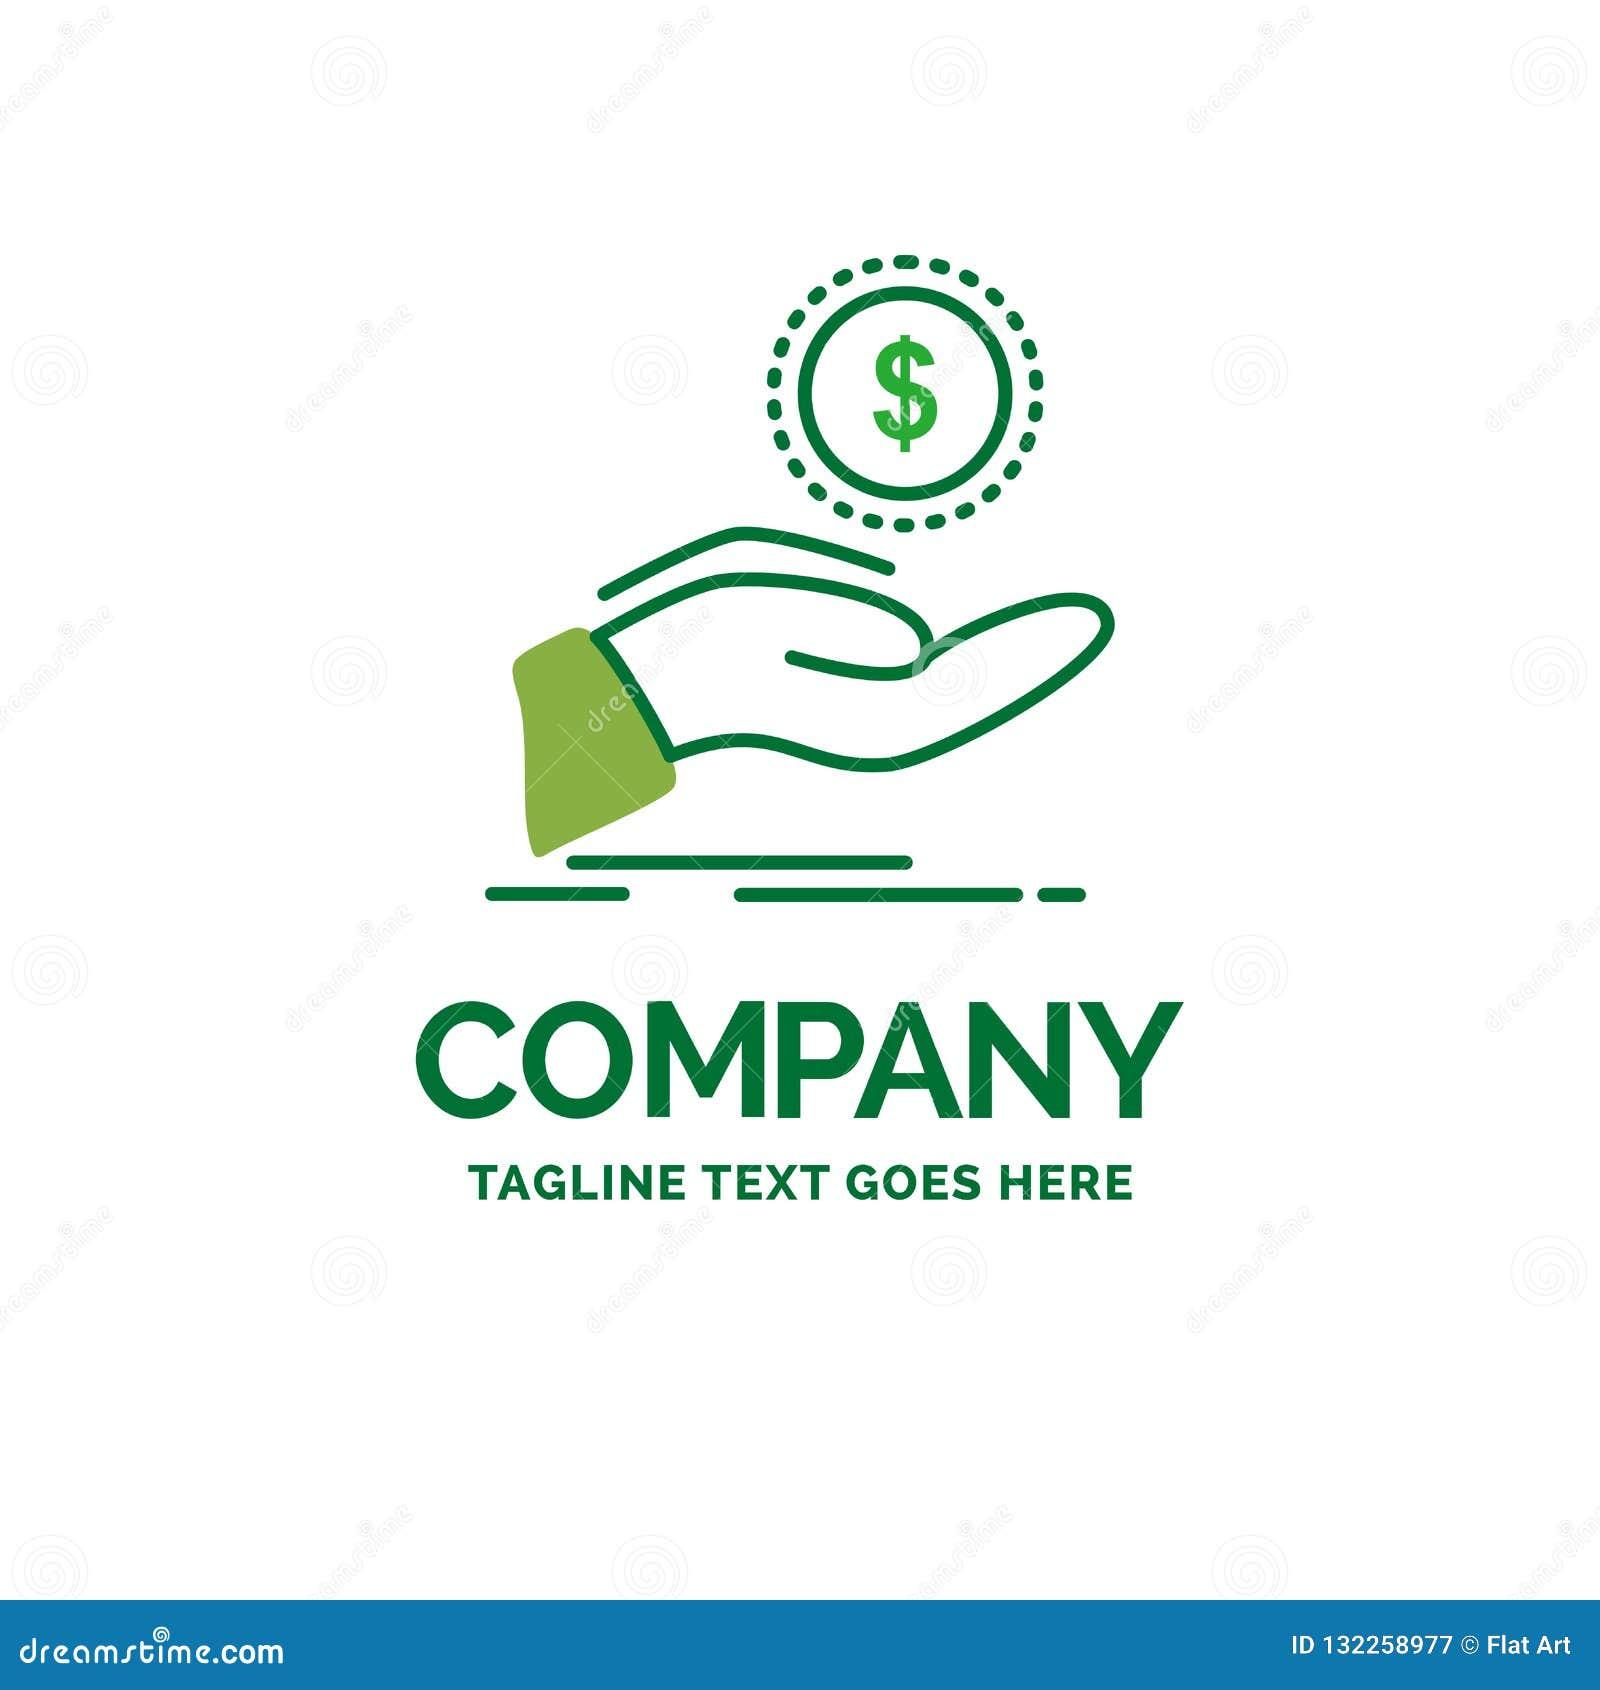 Help, Cash Out, Debt, Finance, Loan Flat Business Logo ...